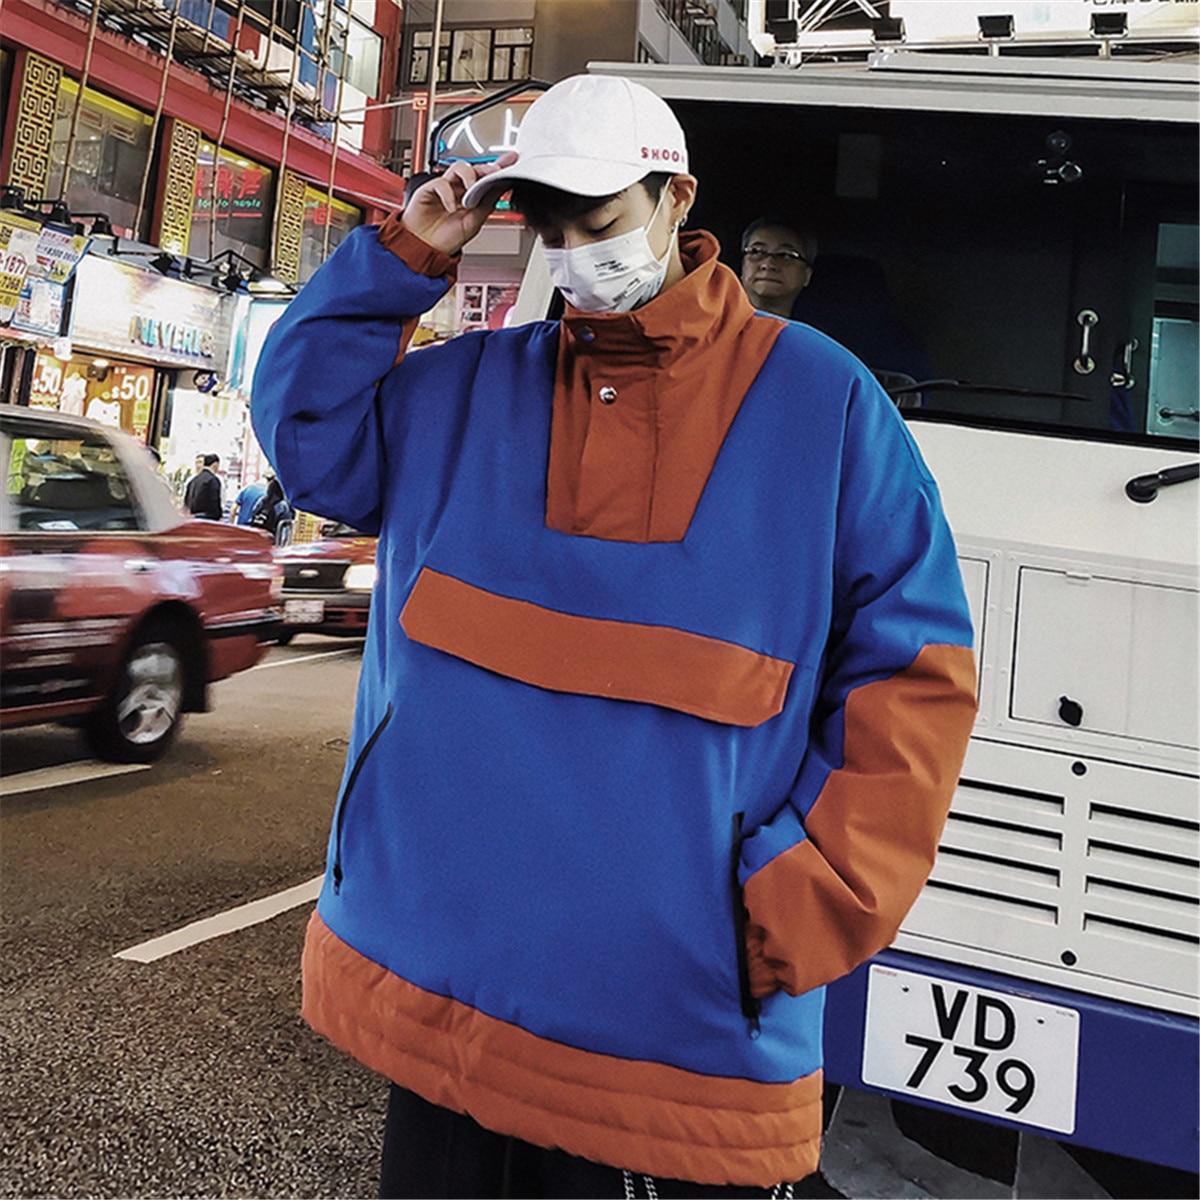 Rembourré Pull De Spliced Vêtements Mode Hiver xl blue M Black Lâche Manteau Chaud Revers Coréen Outwear grey Parkas Coton Casual 2018 Couleur Hommes Hit qz7xvOtz